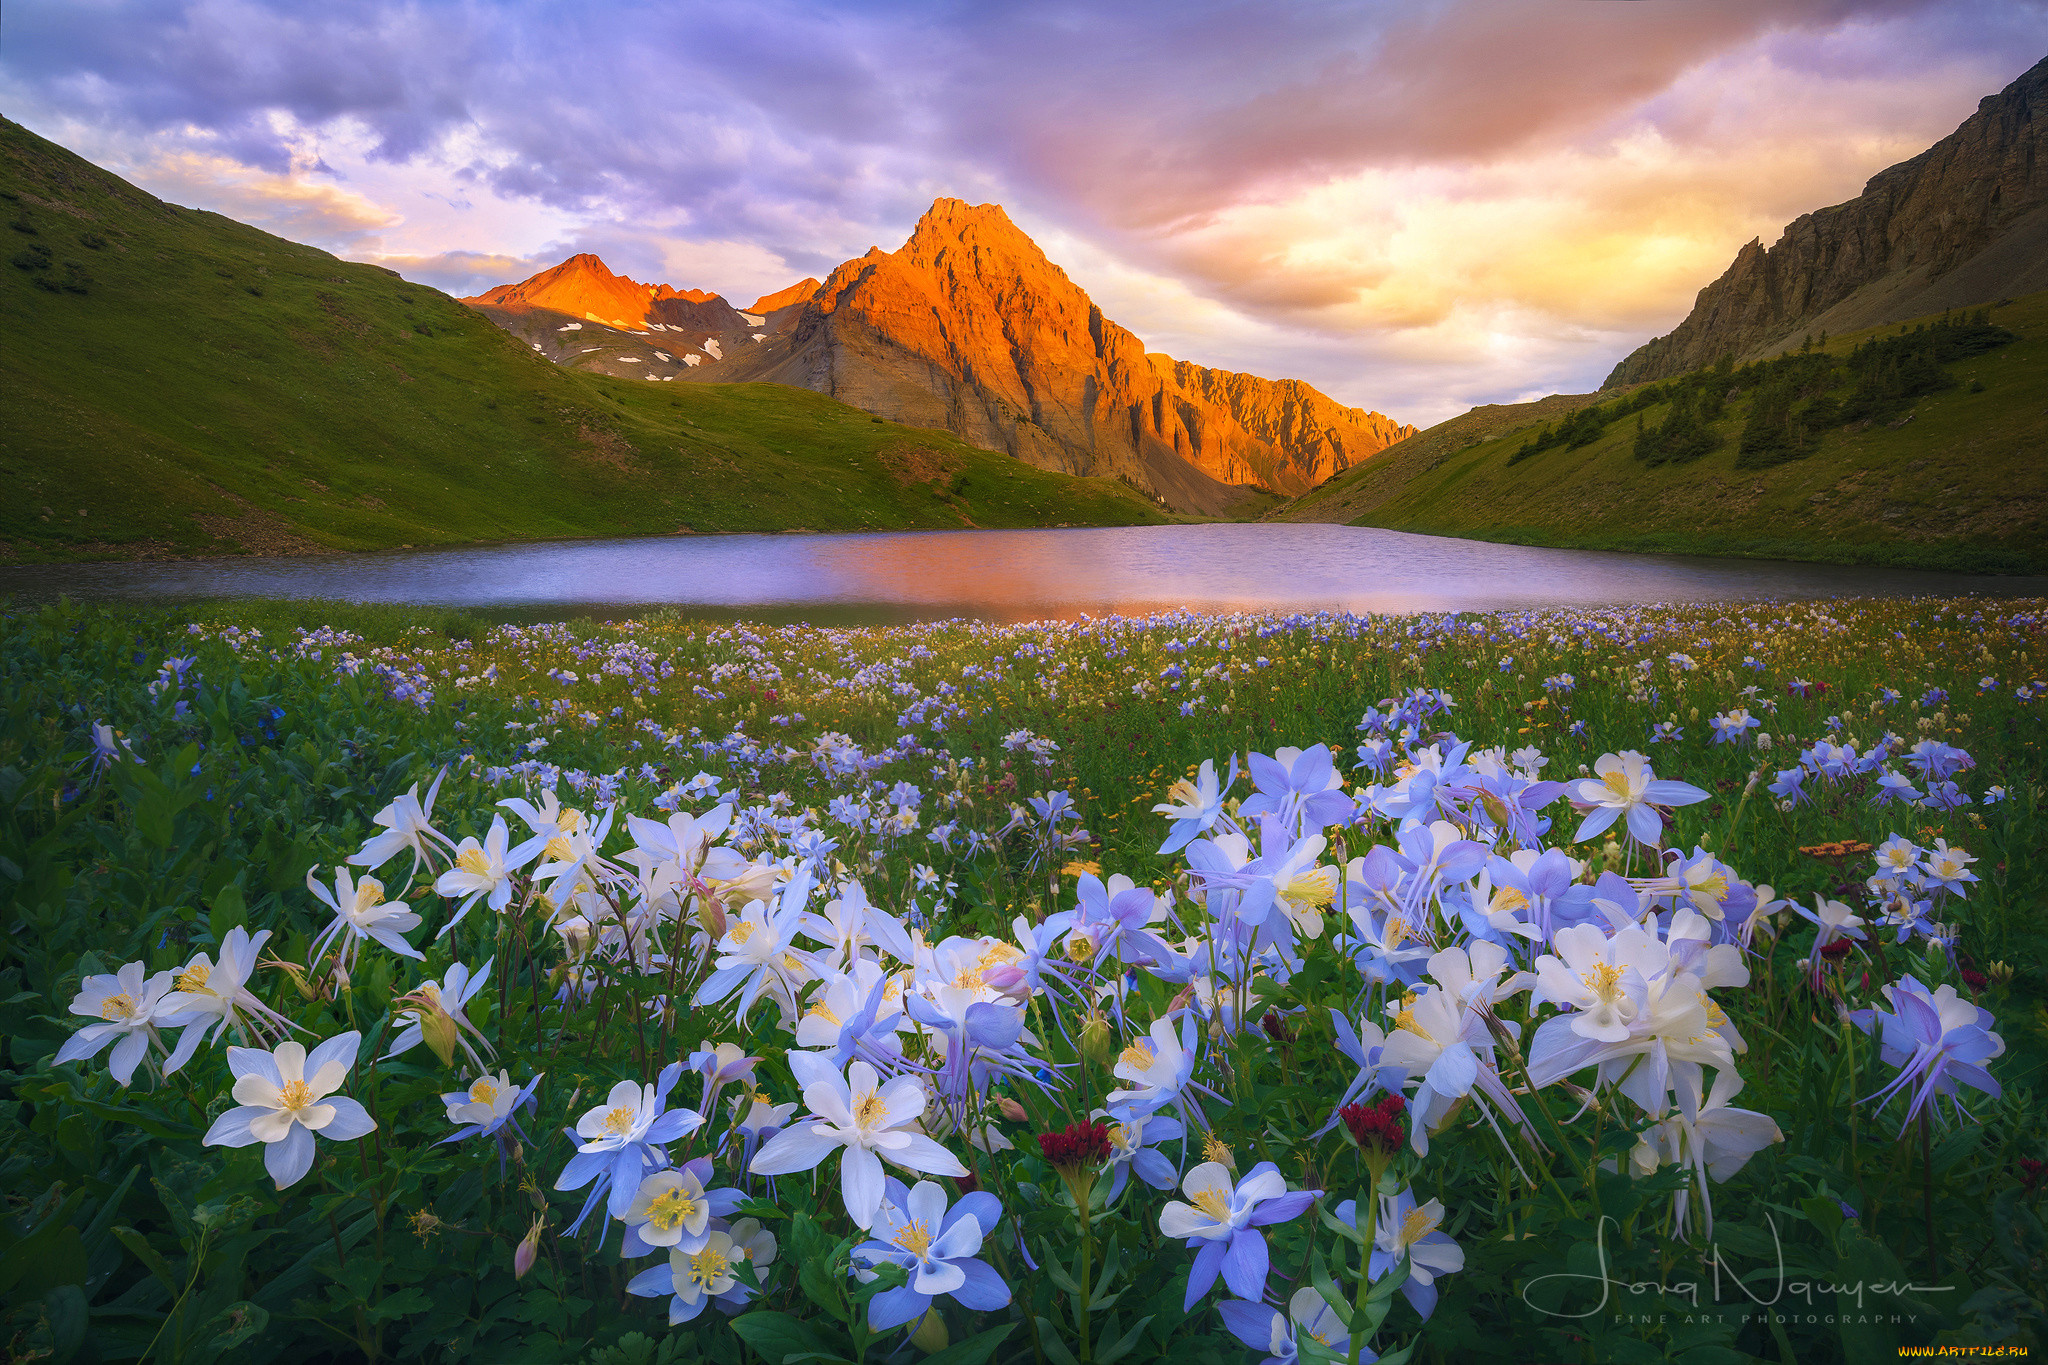 Картинки пейзажи с красивой природой и цветами